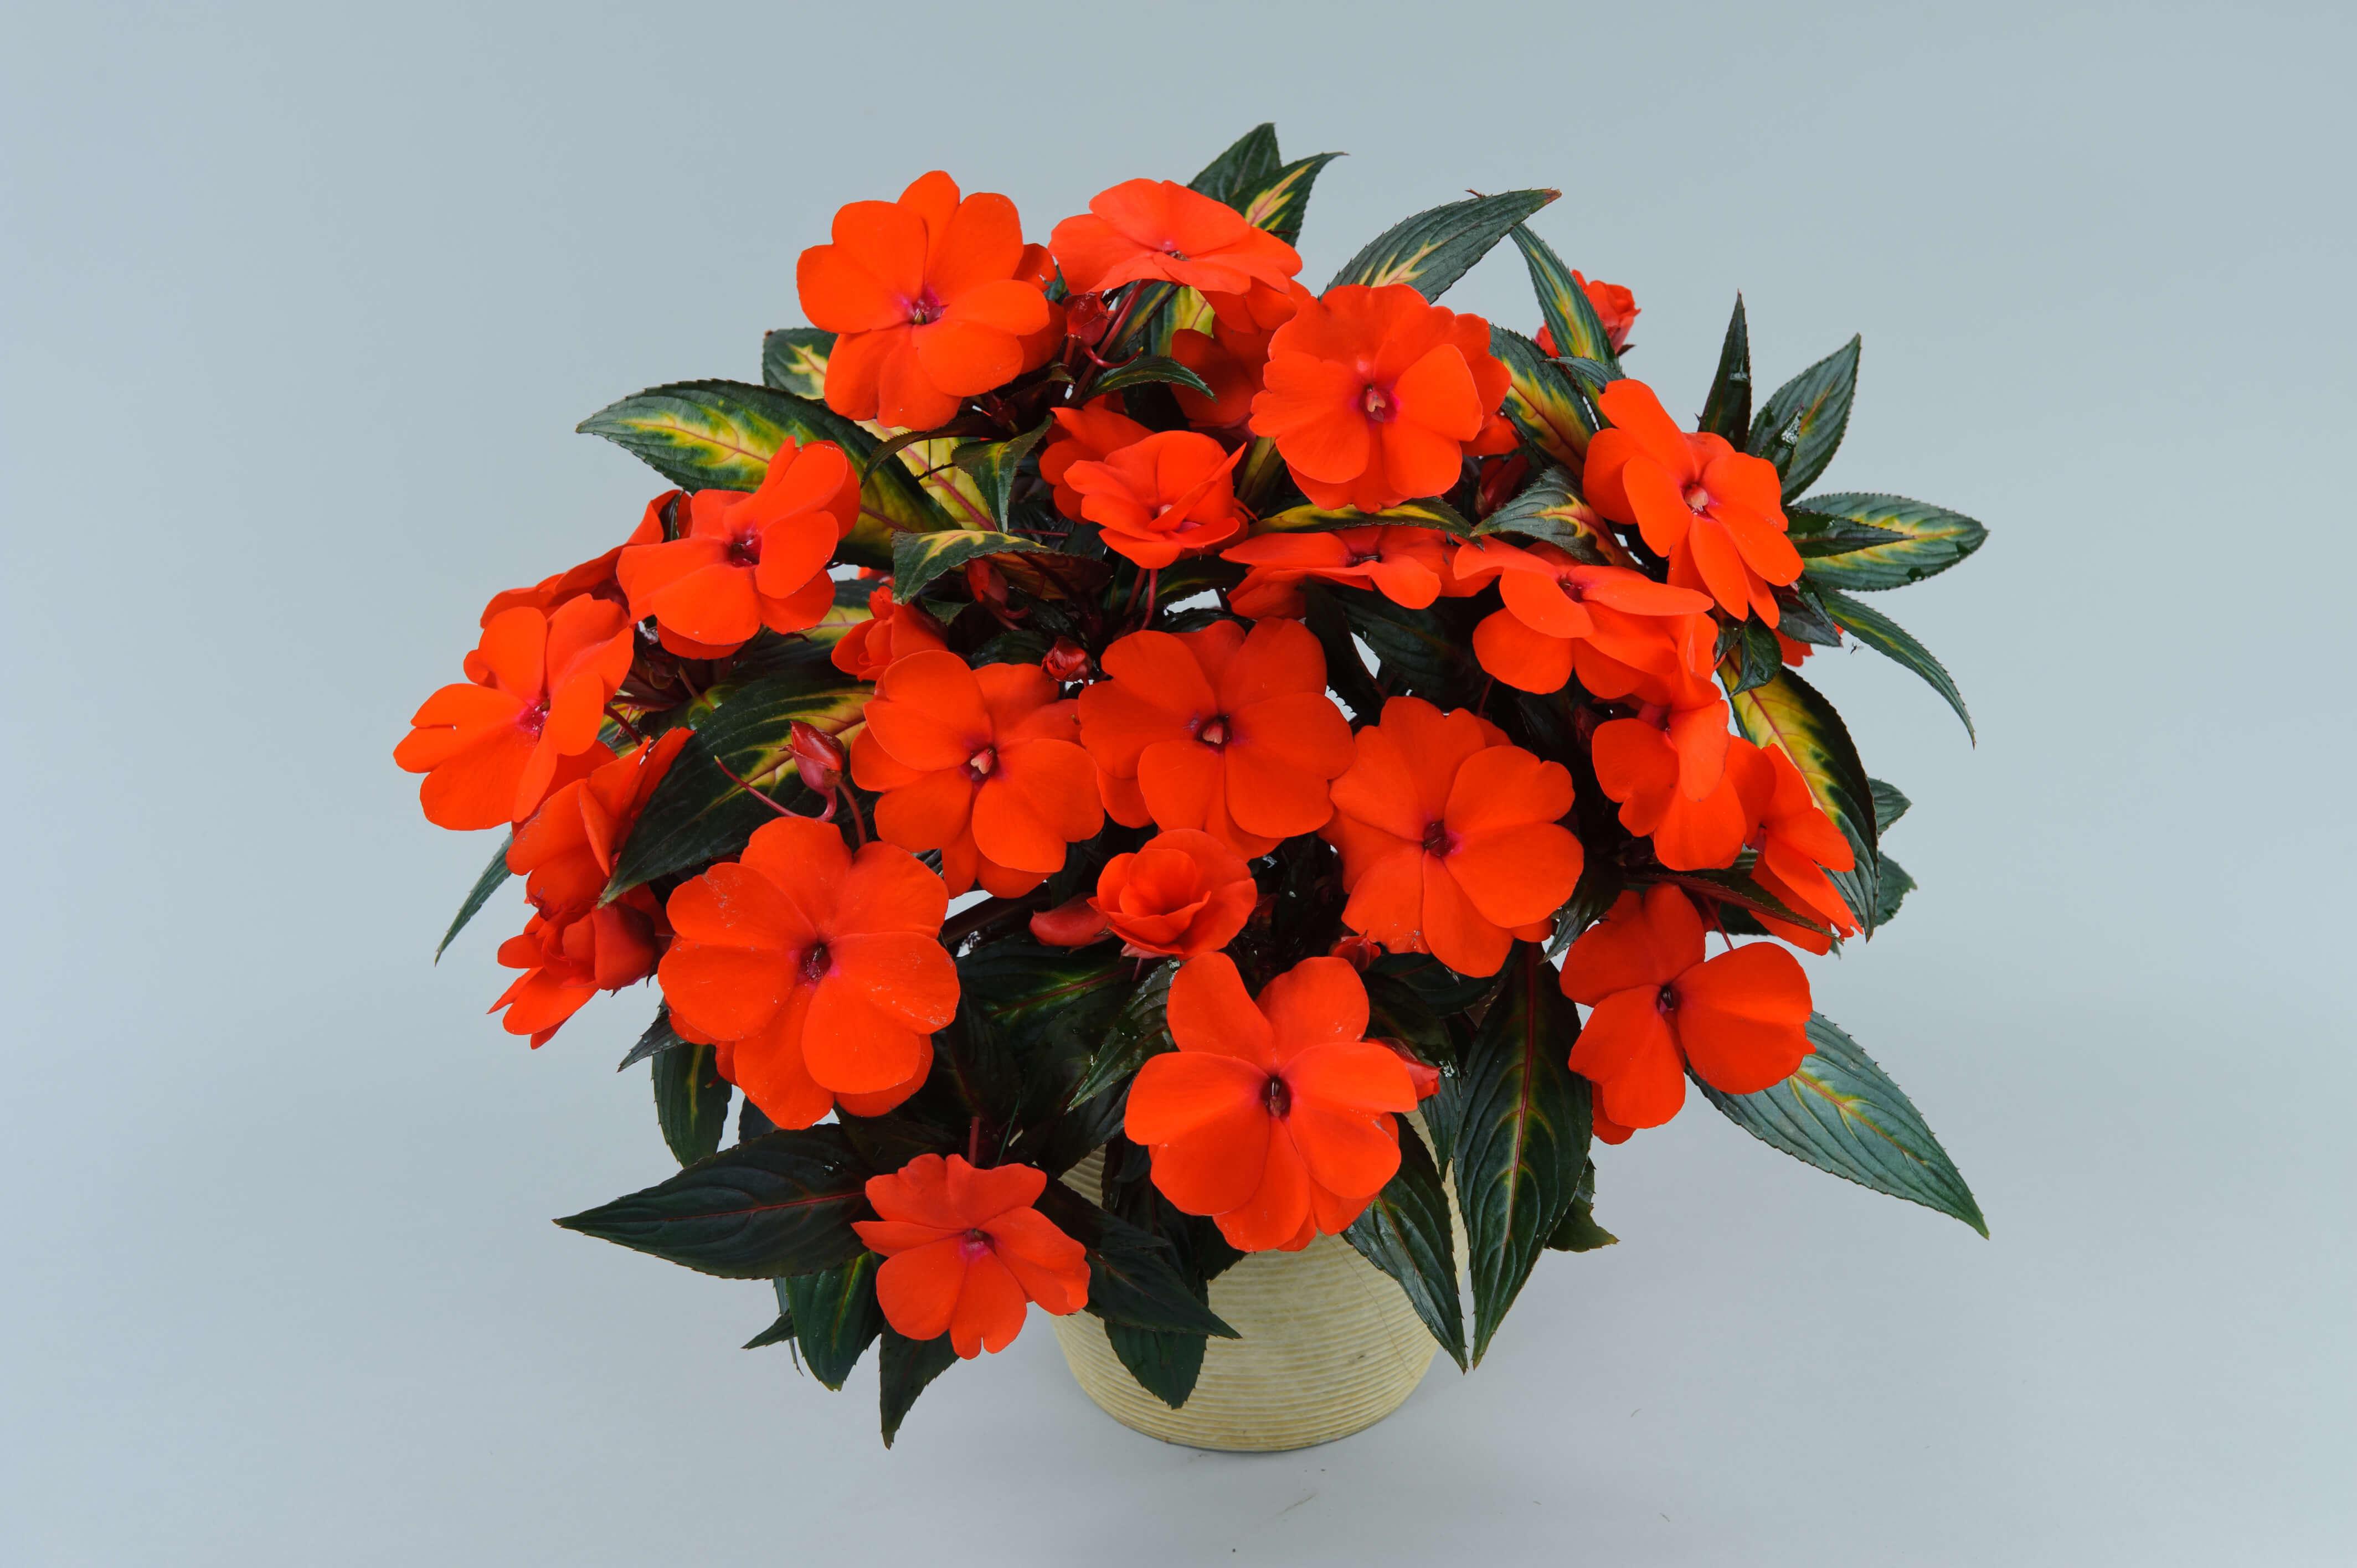 Picture of Live New Guinea Impatiens Orange aka Impatiens hawkeri Orange Plant Fit 1QRT Pot